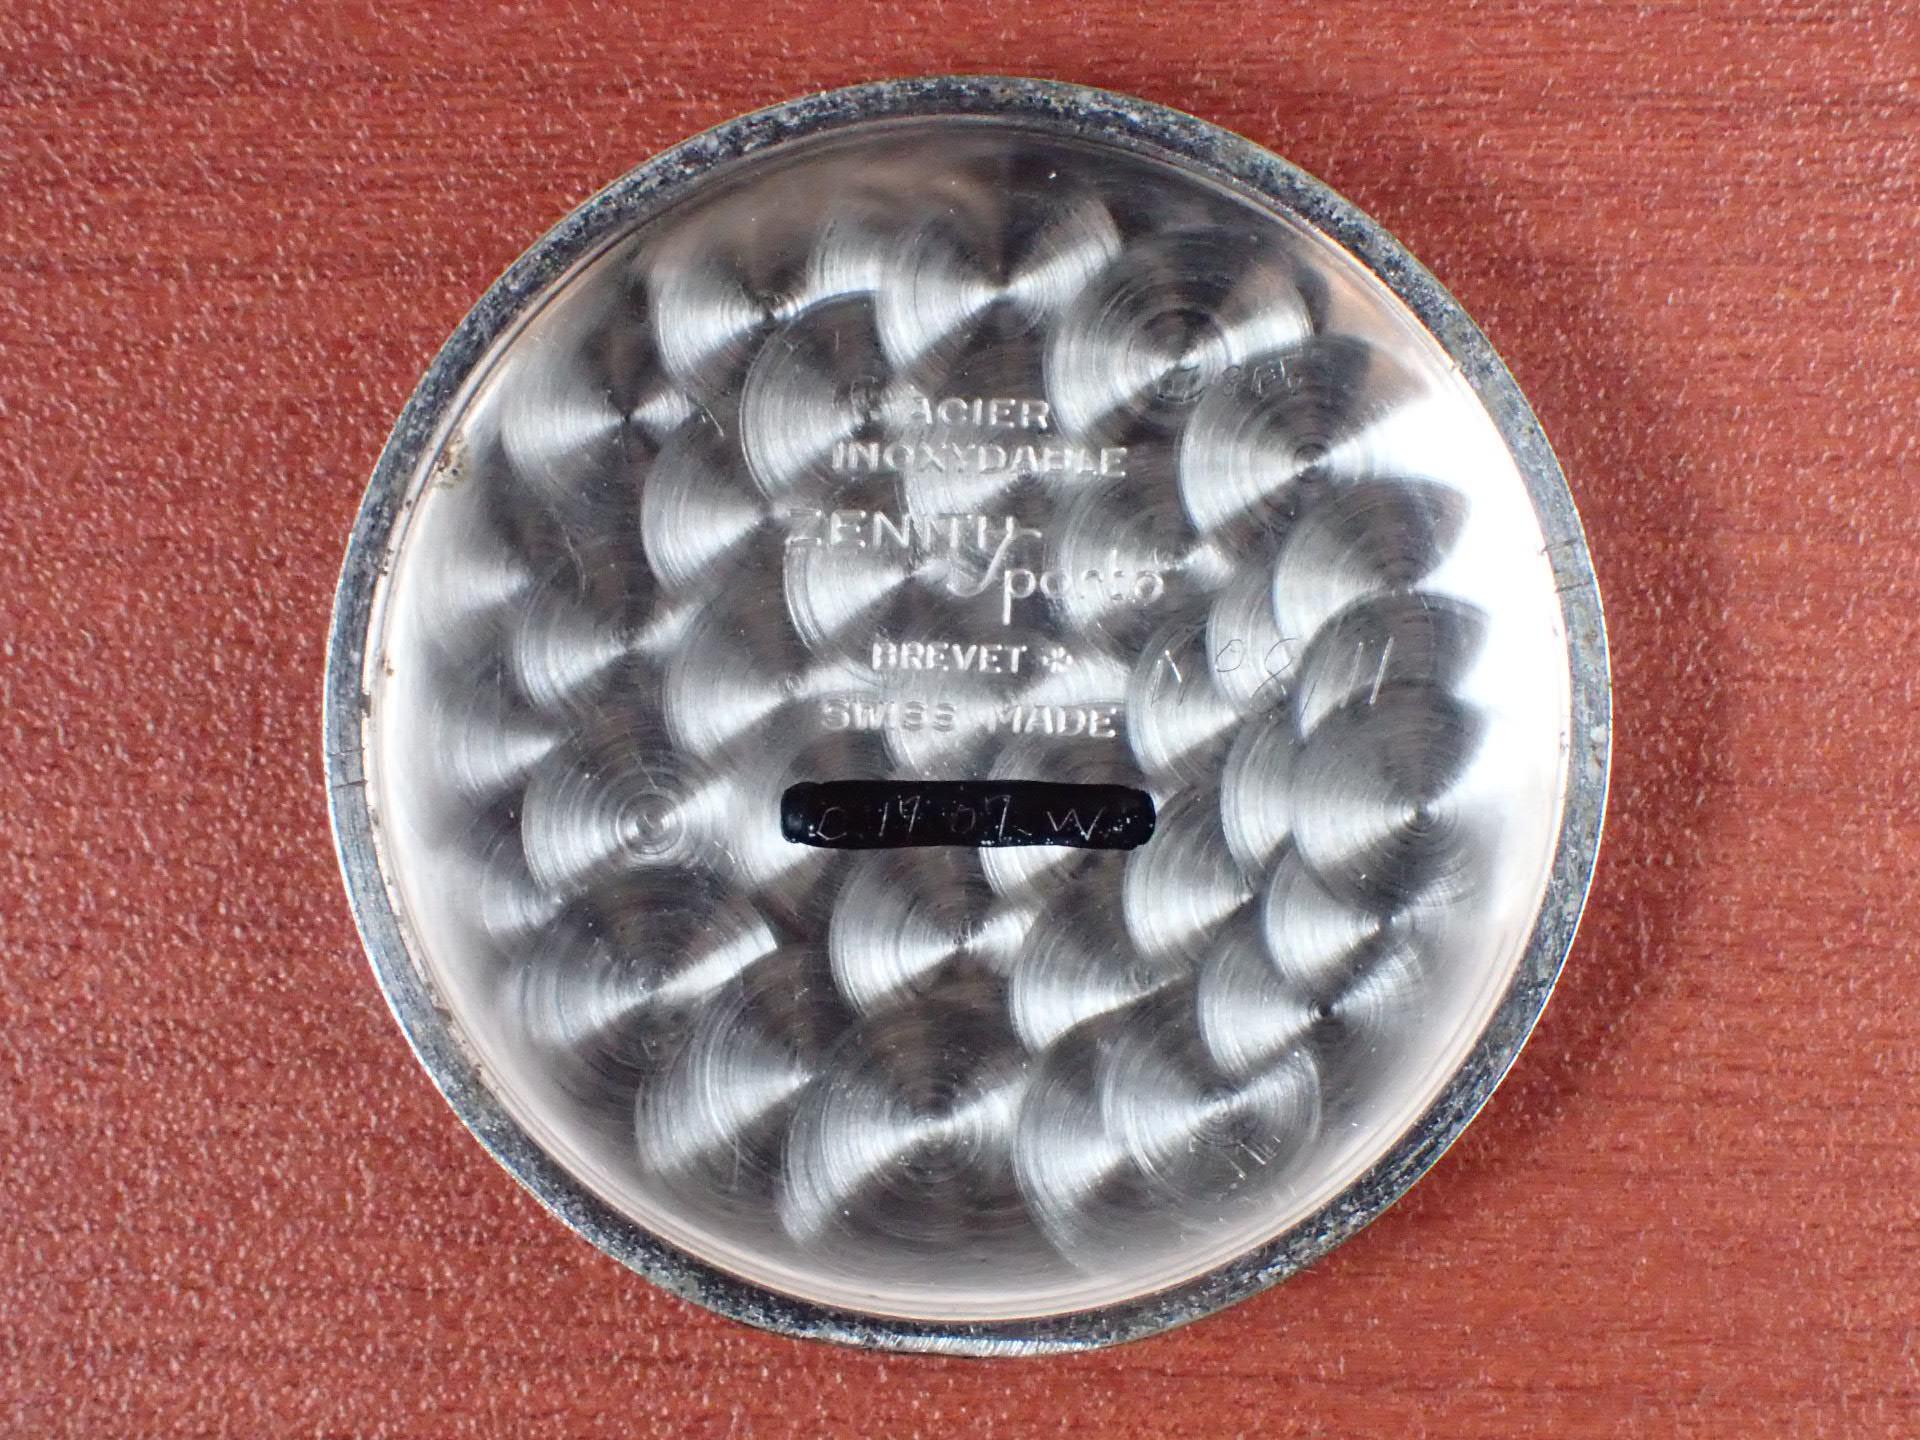 ゼニス スポルト ホワイトダイアル スモールセコンド 1940年代の写真6枚目